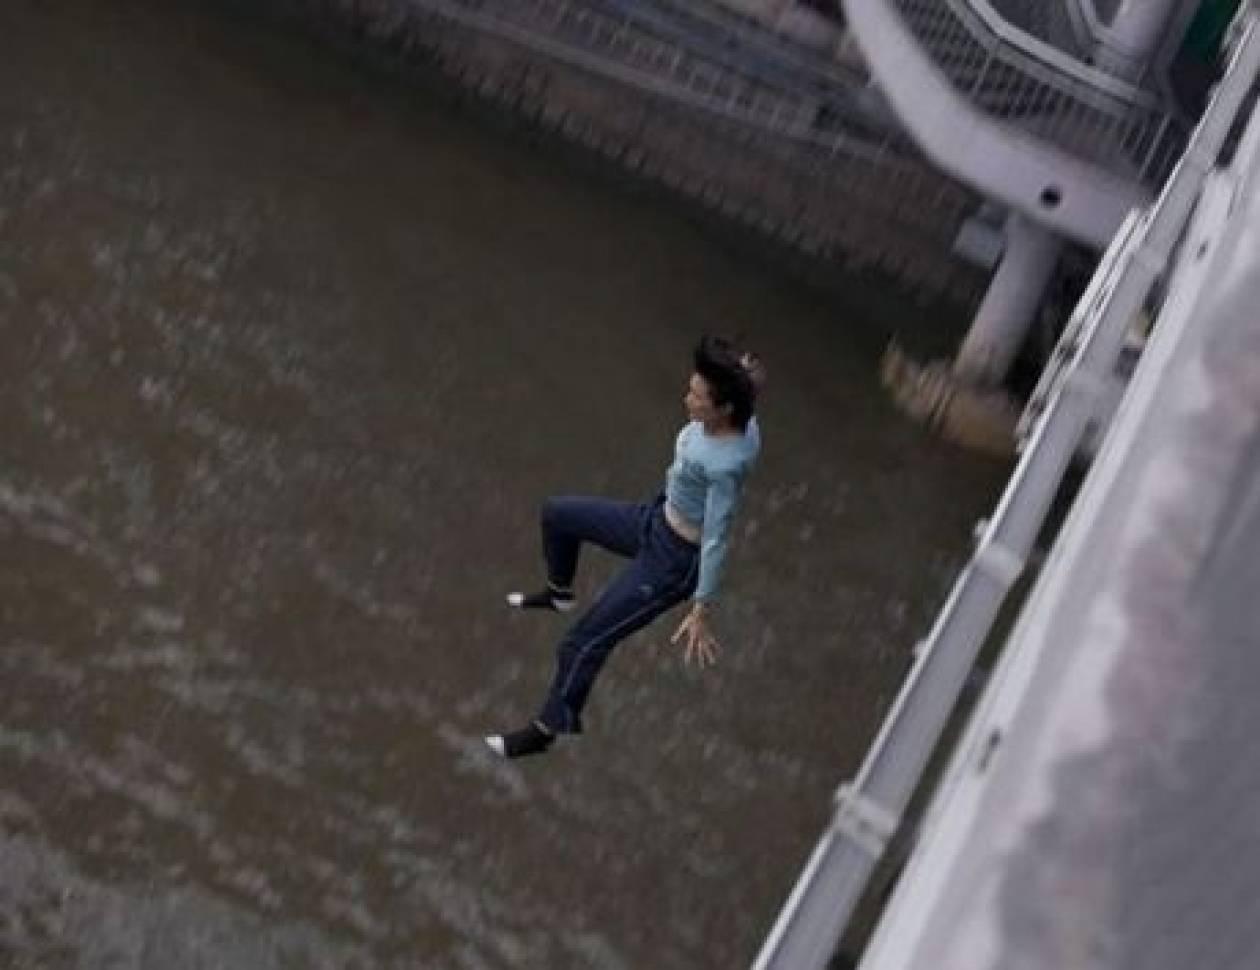 ΣΟΚ: Η στιγμή που η 31χρονη πήδηξε από γέφυρα ύψους 15 μέτρων